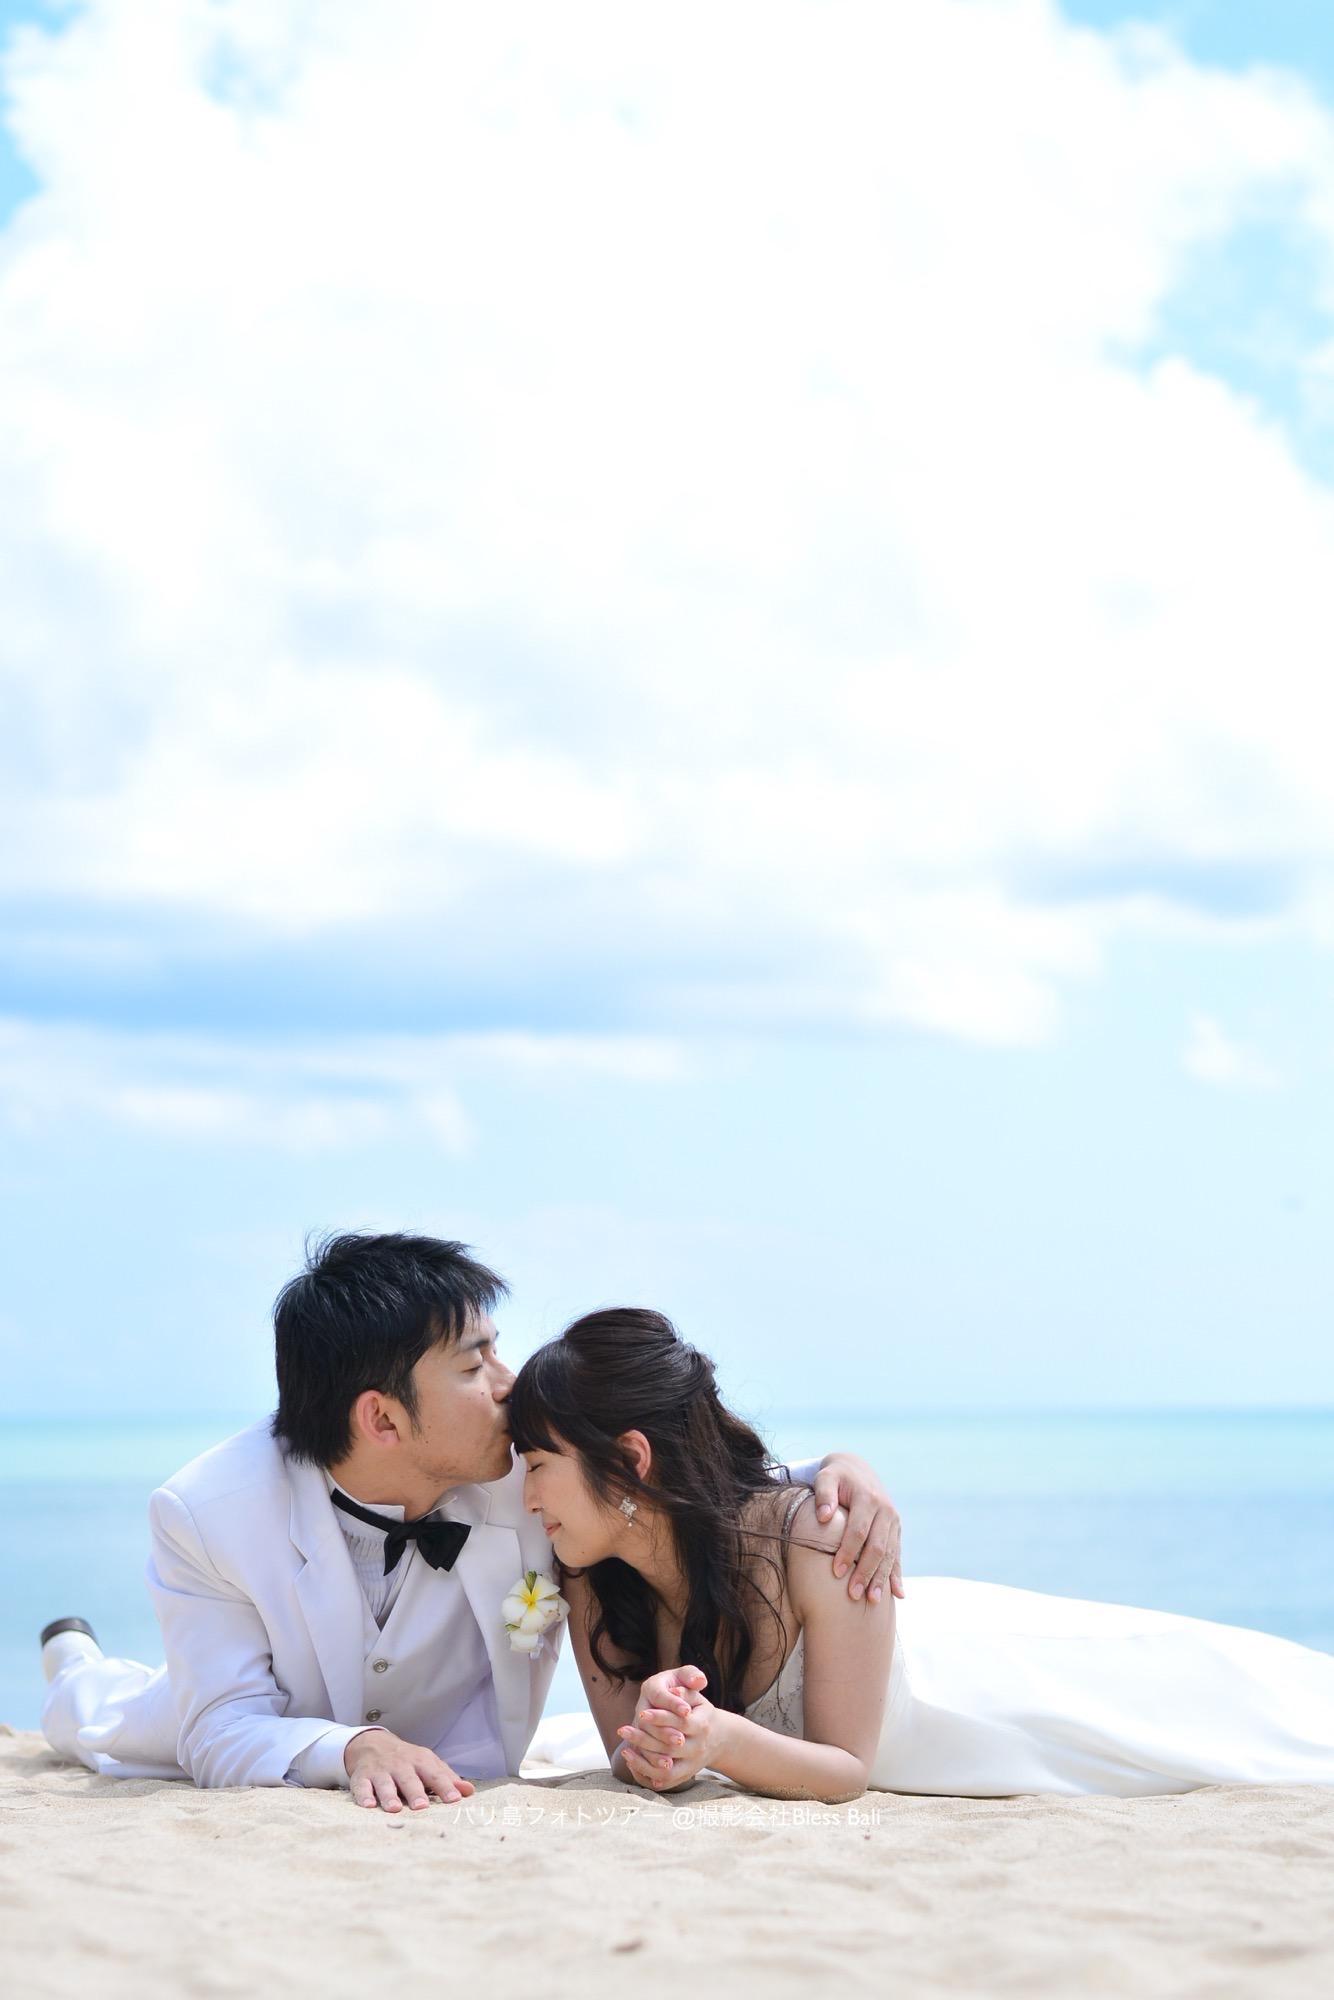 砂浜に寝そべって花嫁のおでこにキスする花婿